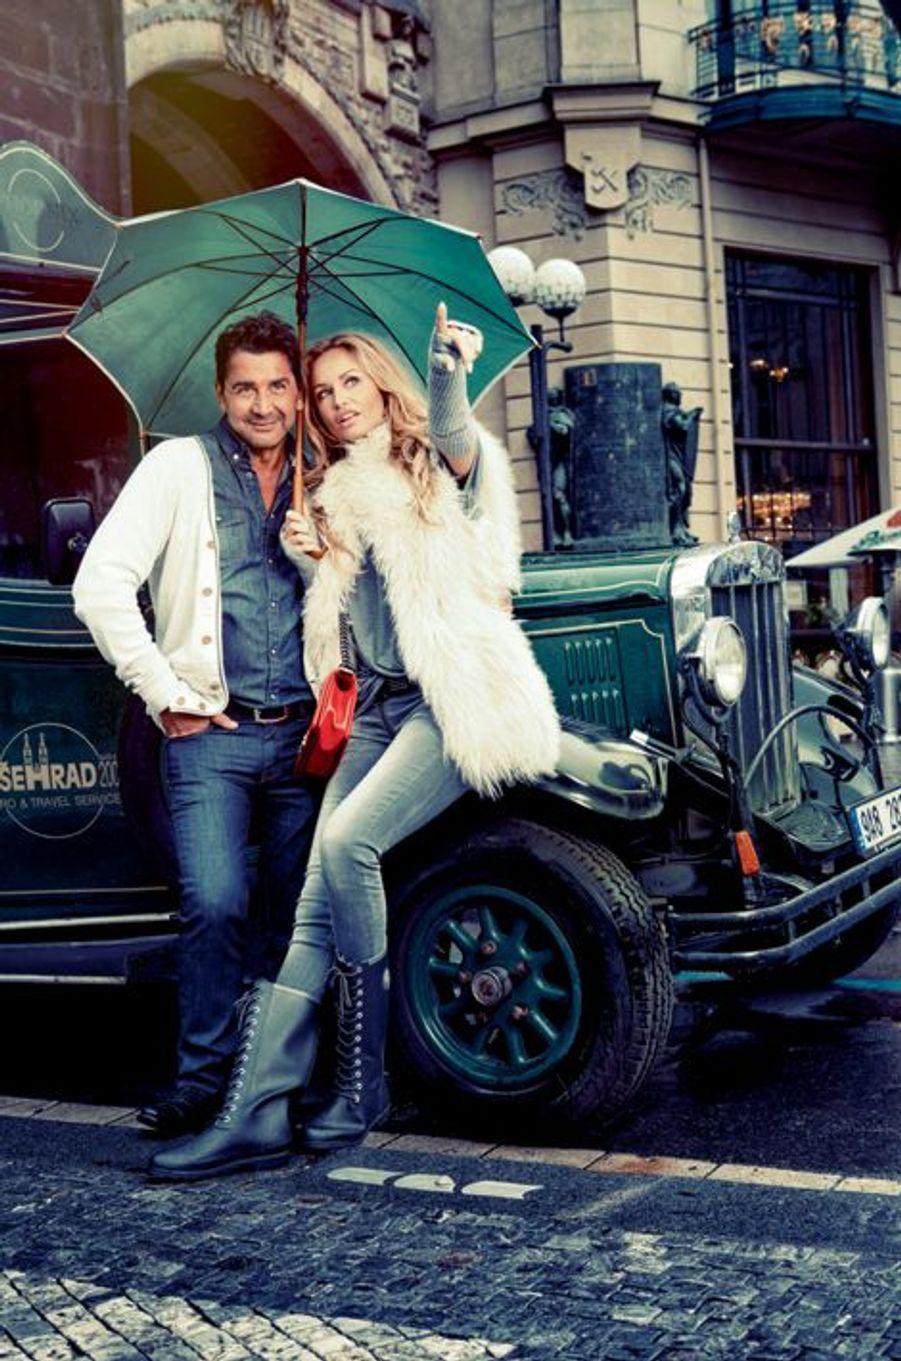 Au pied de la tour Poudrière, adossés à une réplique de voiture d'avant-guerre, Adriana et Aram ne se laissent pas décourager par l'ondée.